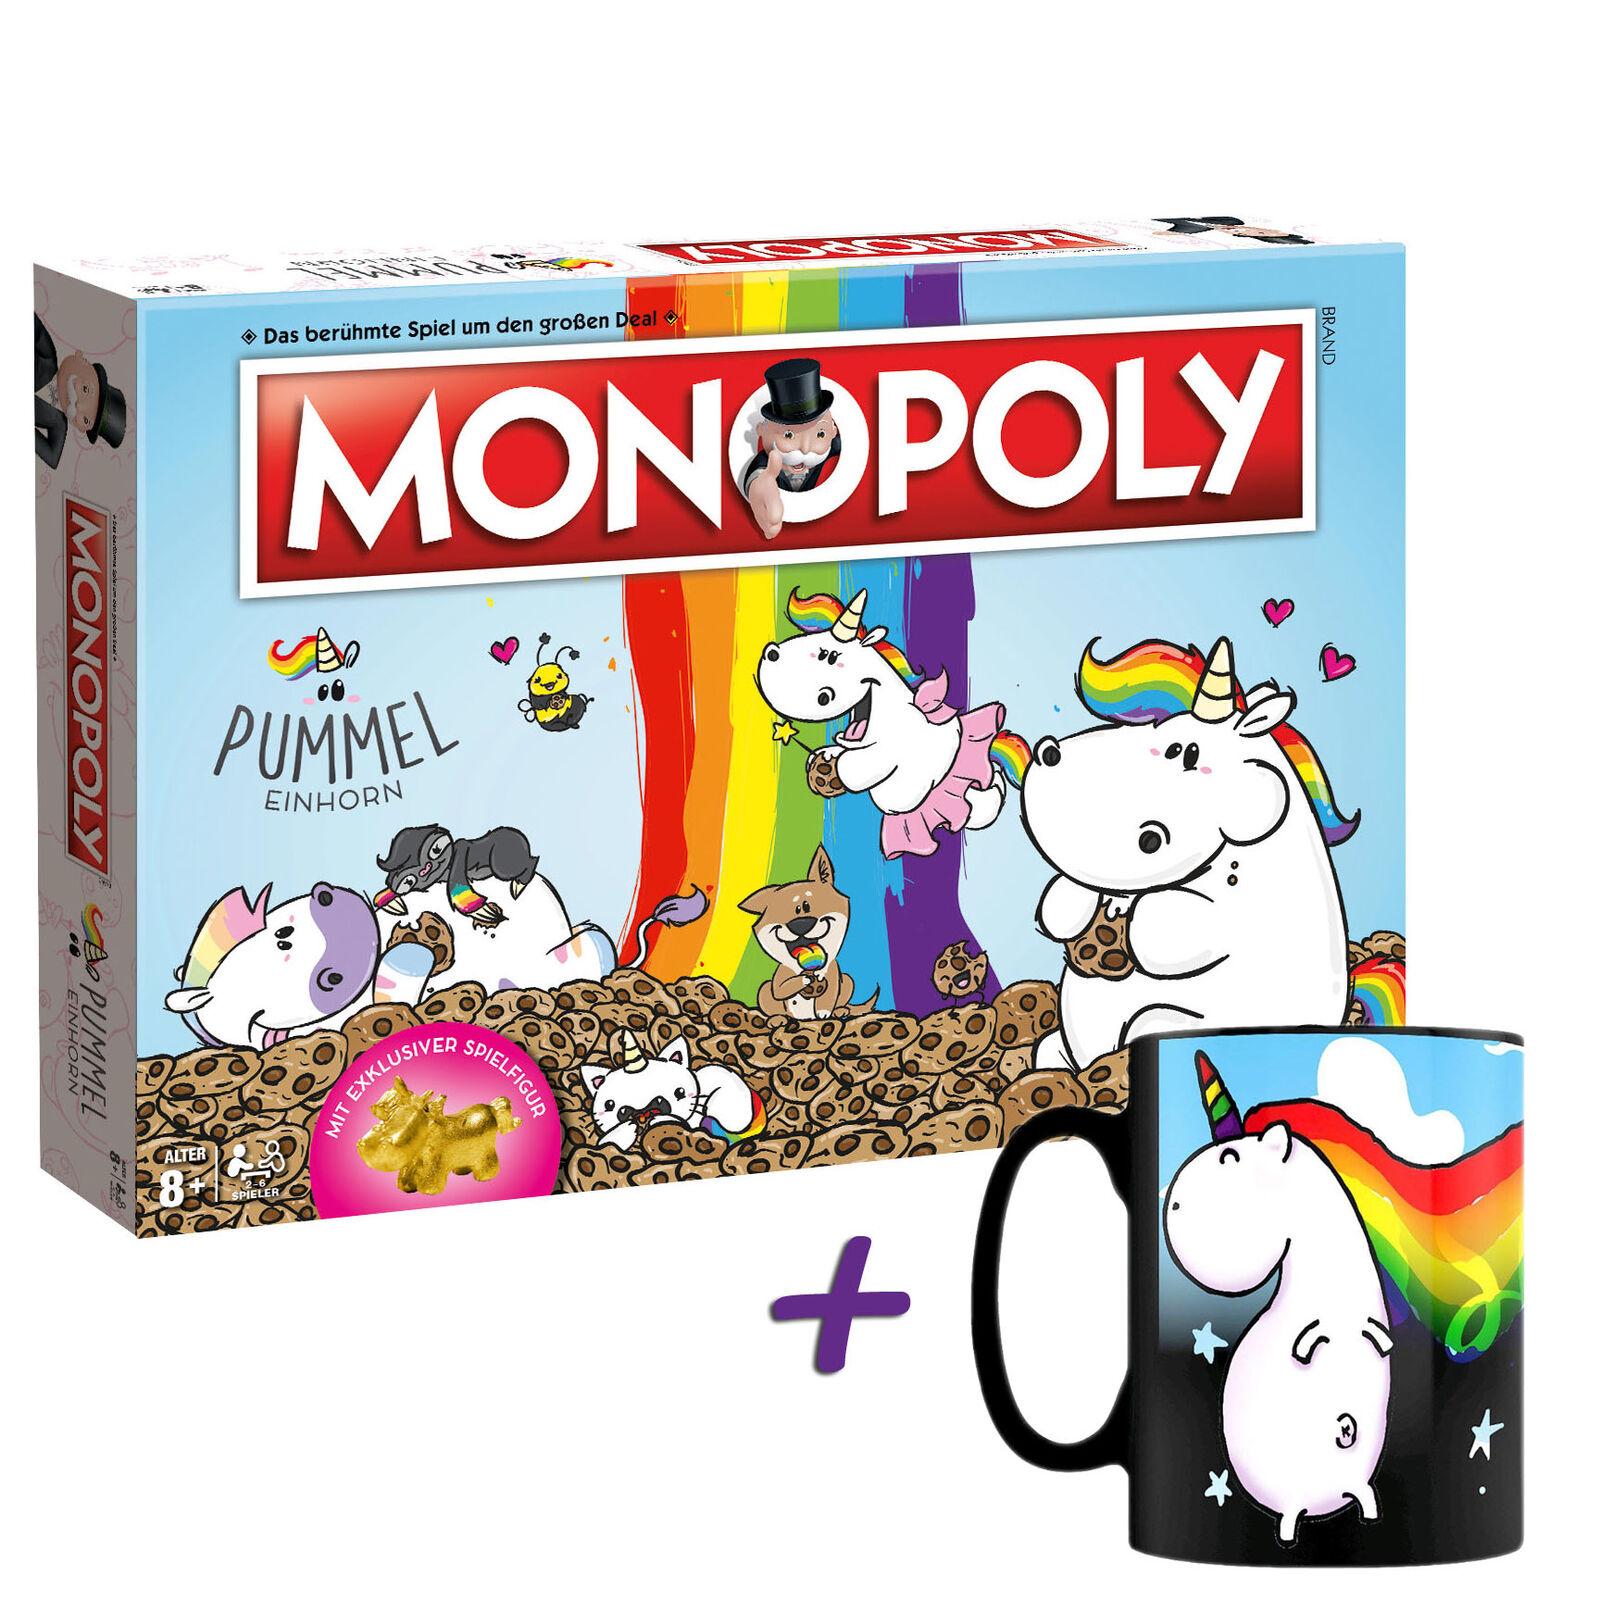 Monopoly Pummeleinhorn Collector's Edition oro + Tazza Magica Unicorno   Sparkle